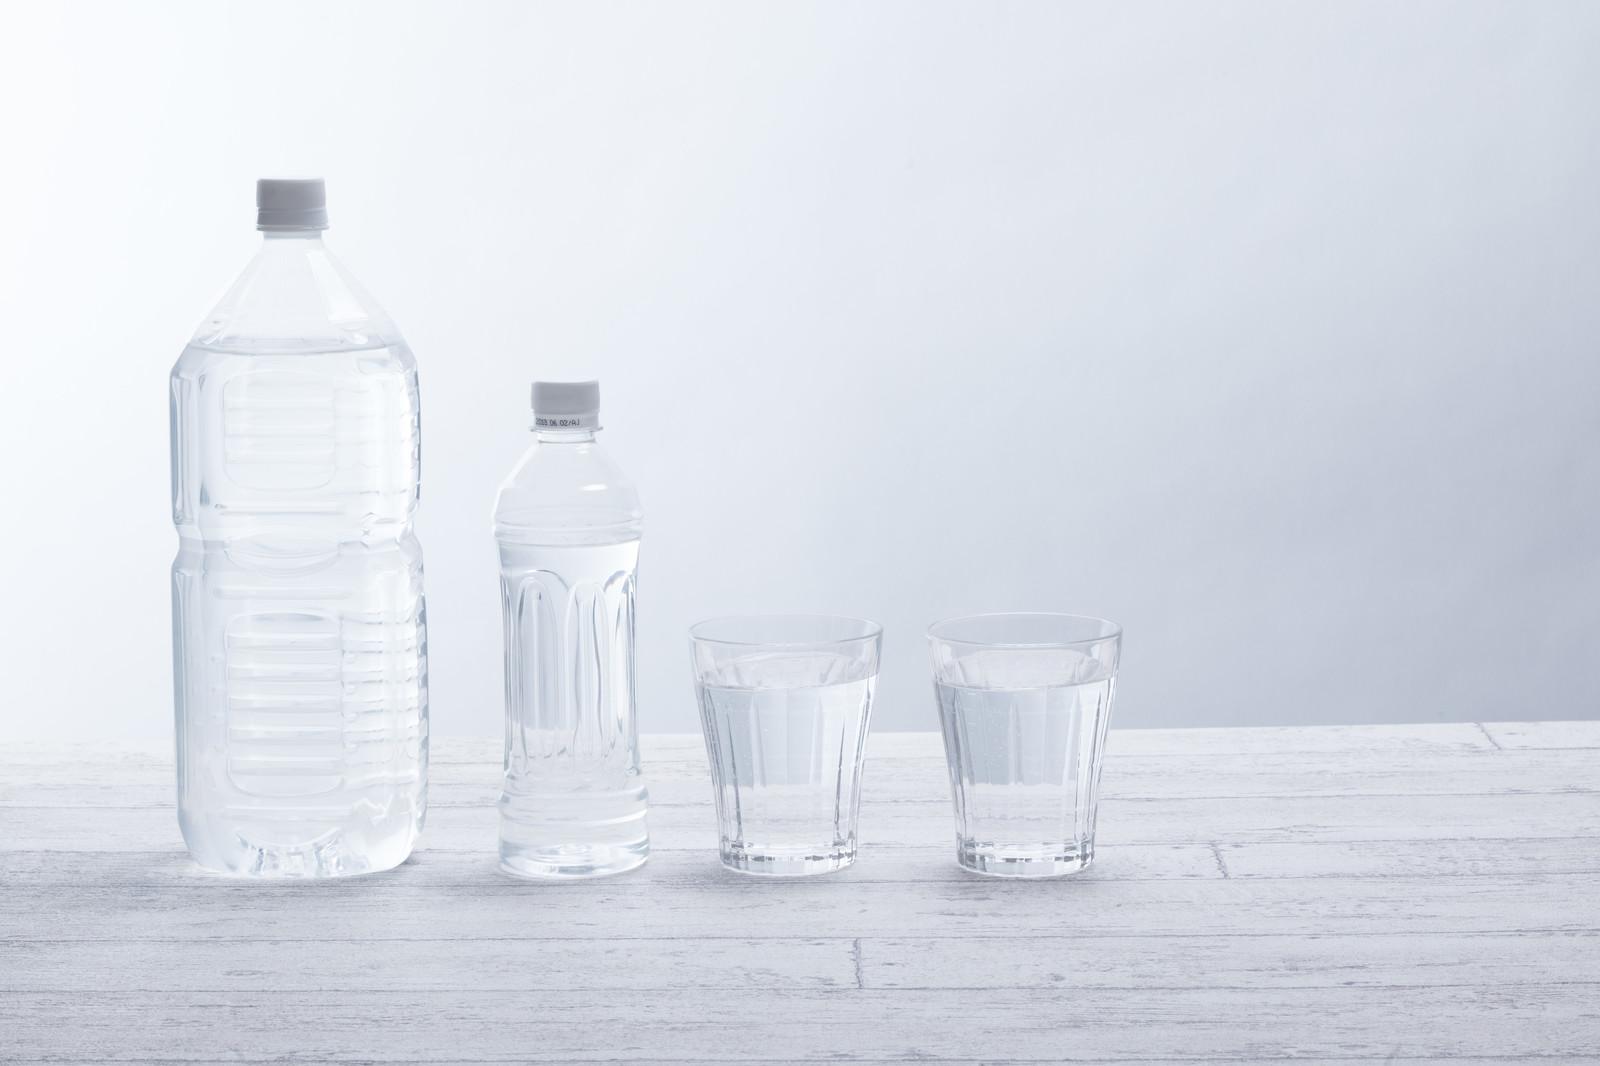 【熱中症対策】2種類のスポーツドリンクと飲み分け方